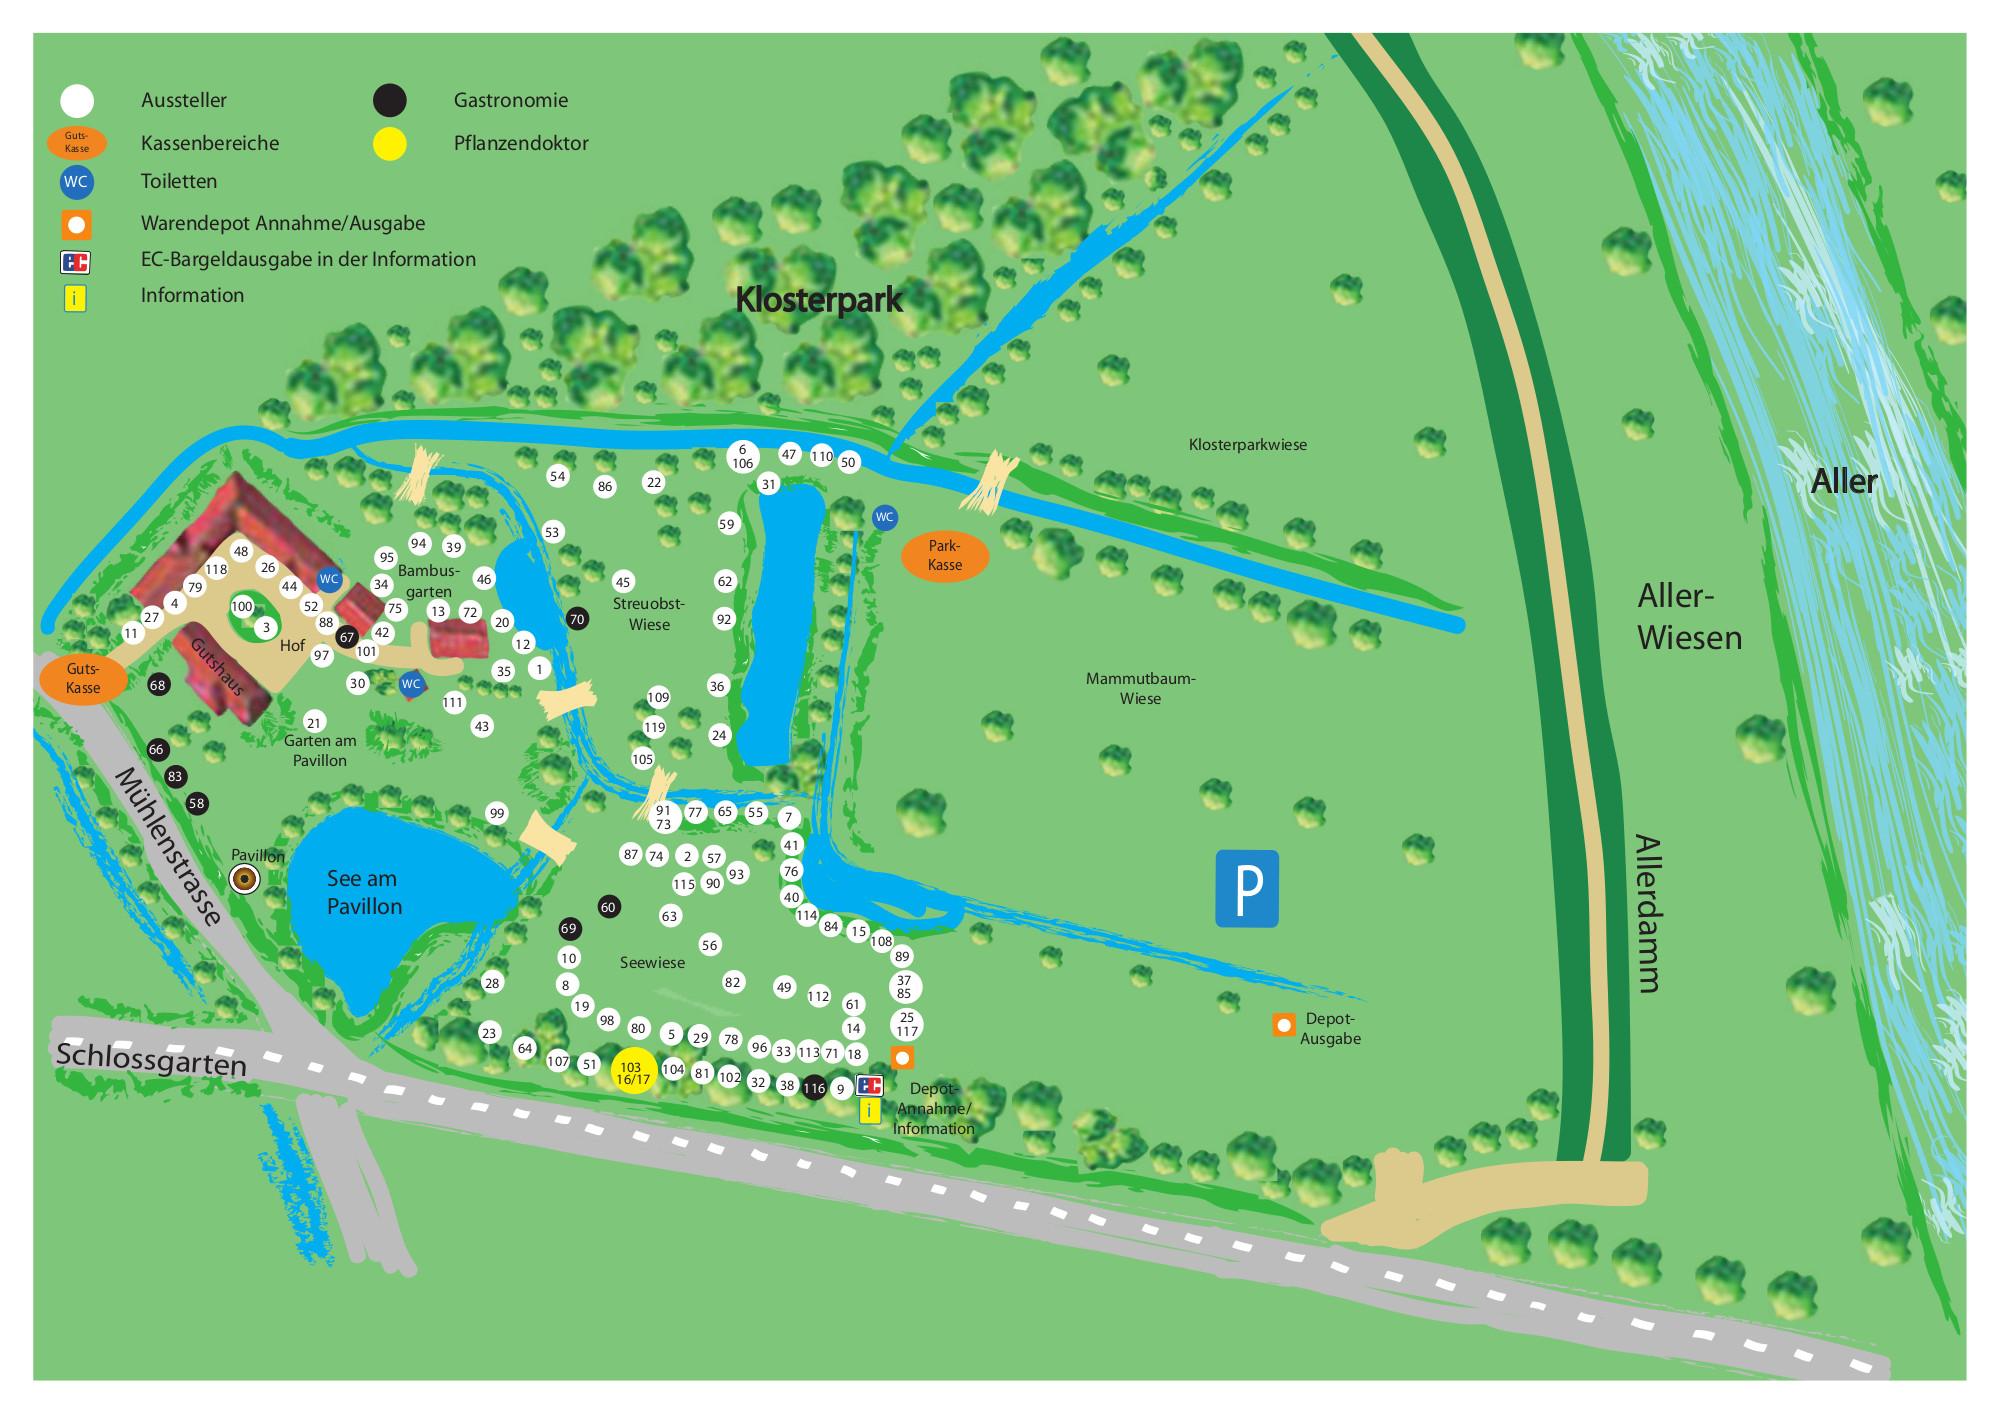 Übersicht des Klosterparks